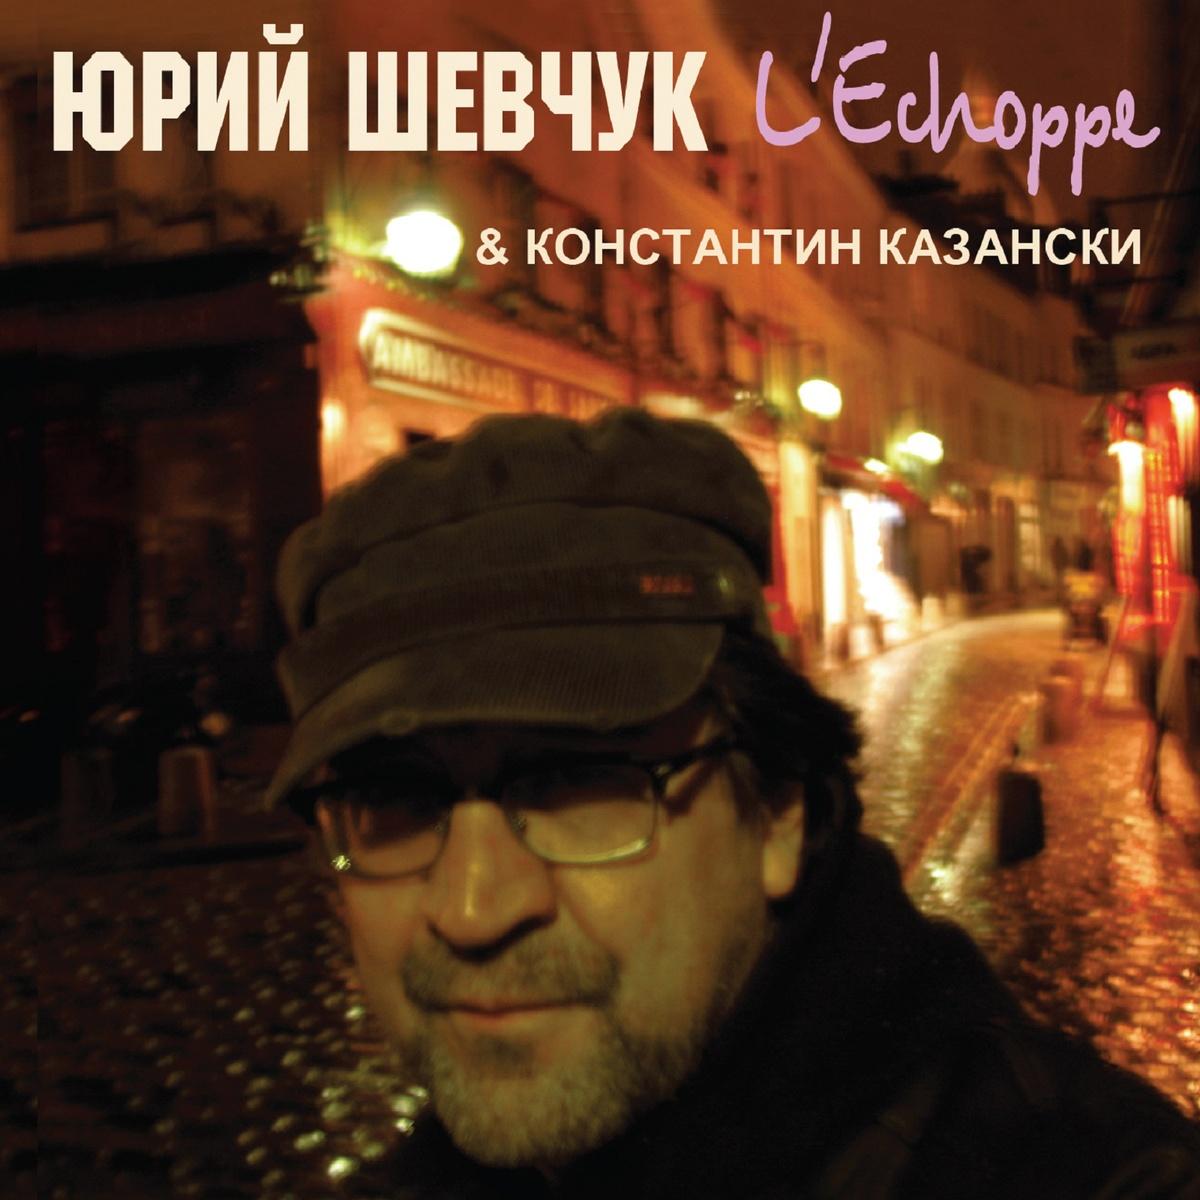 """CD Шевчук Юрій """"L'Echoppe"""""""